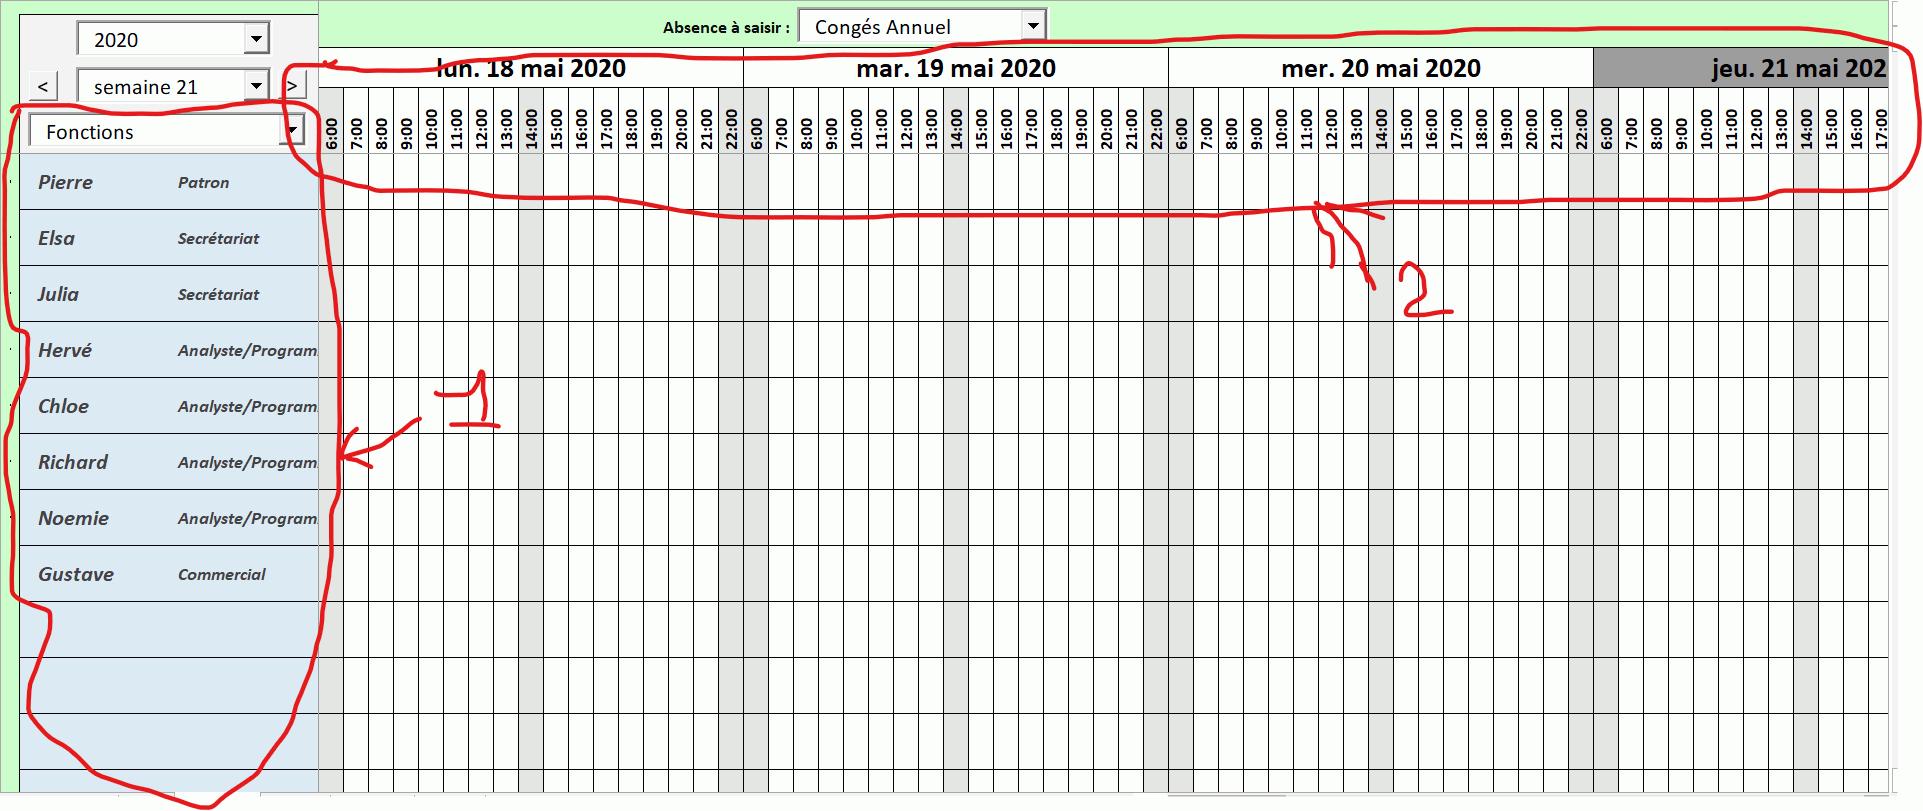 capture d ecran 2020 10 26 005106